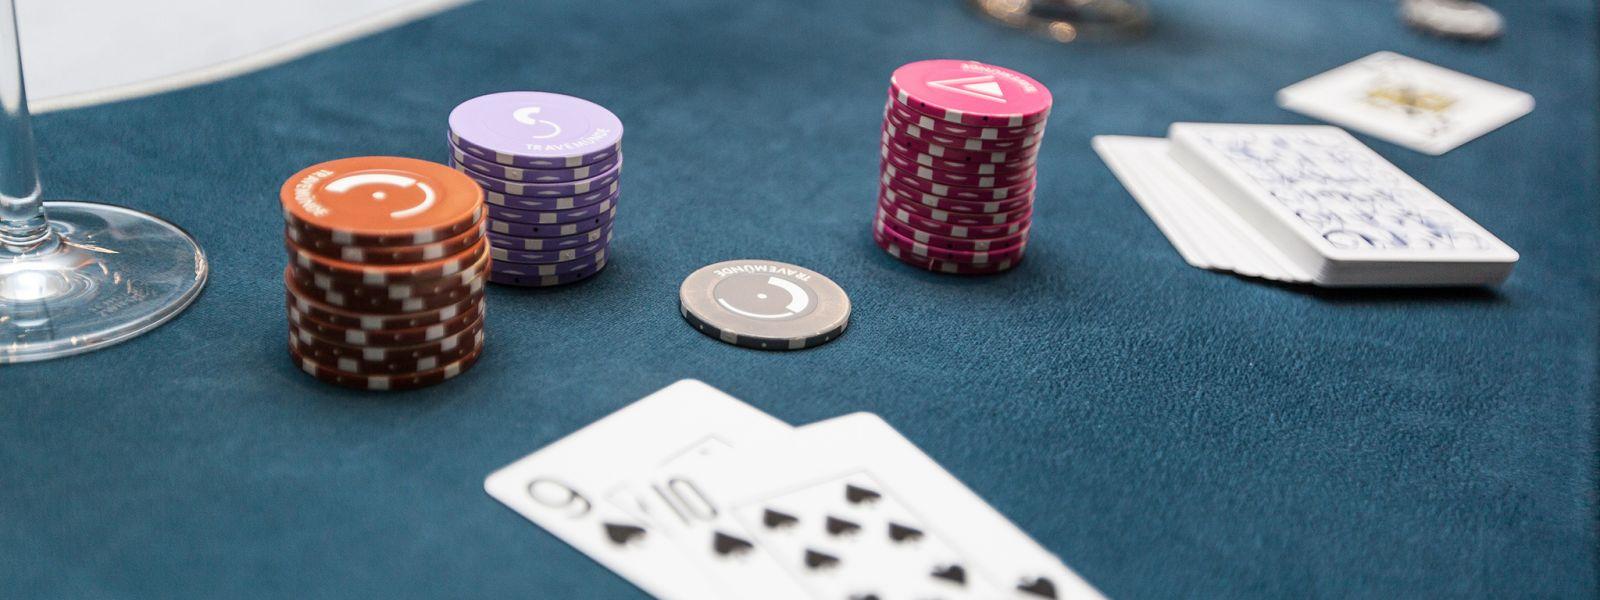 casino tischspiele